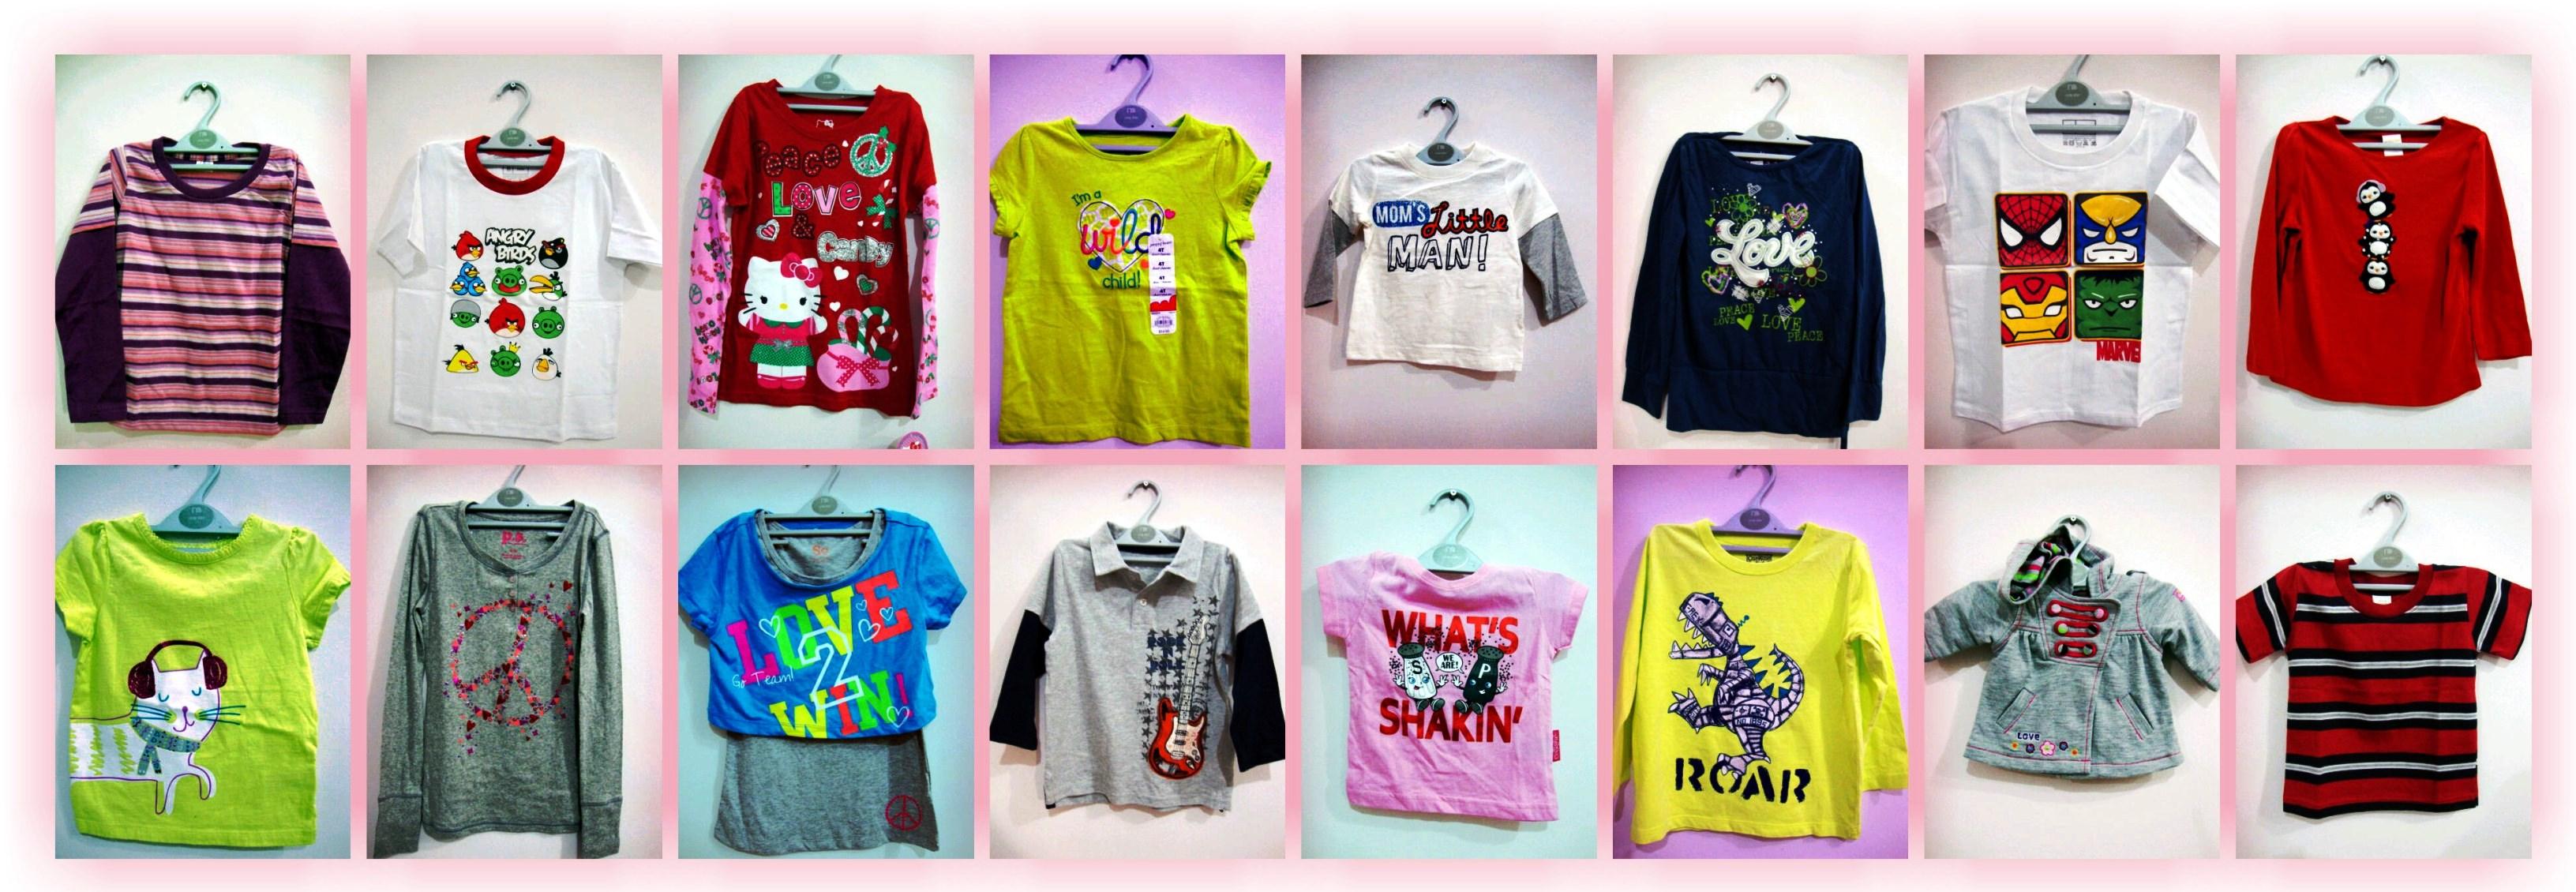 Distributor Baju Anak Murah Meriah